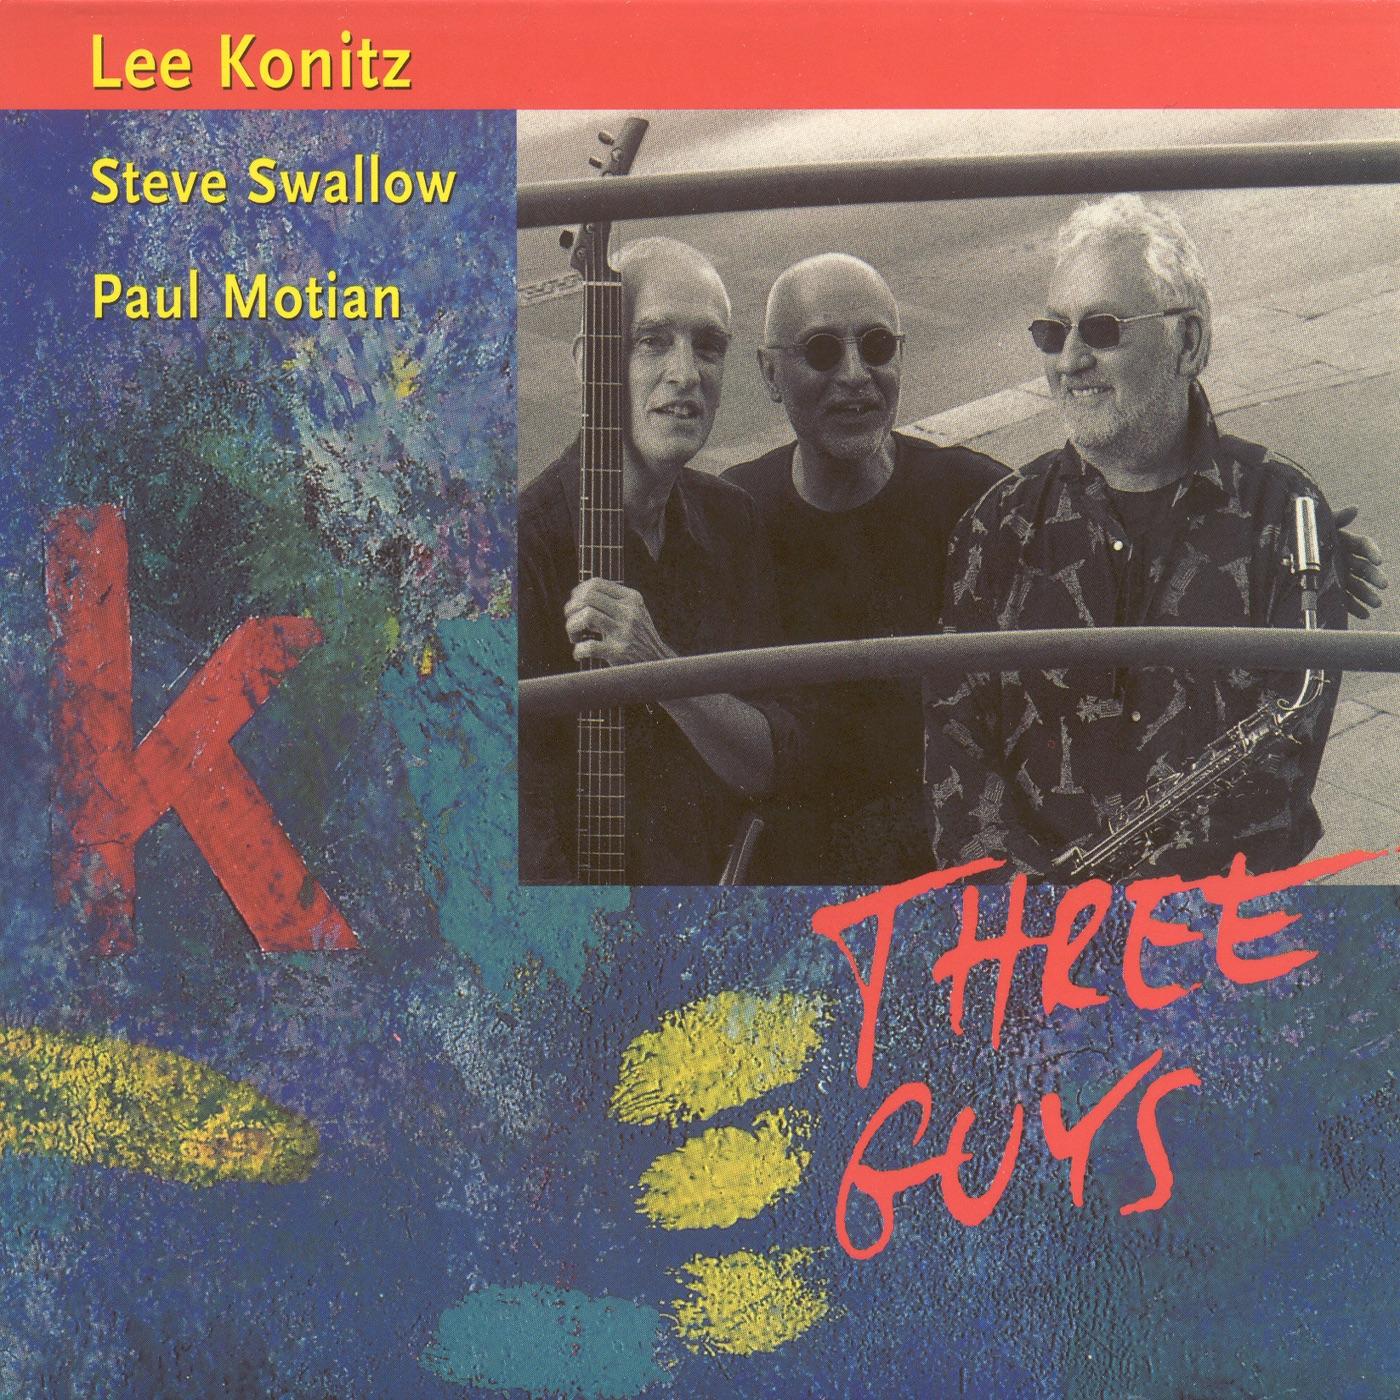 Konitz, Lee: 3 Guys